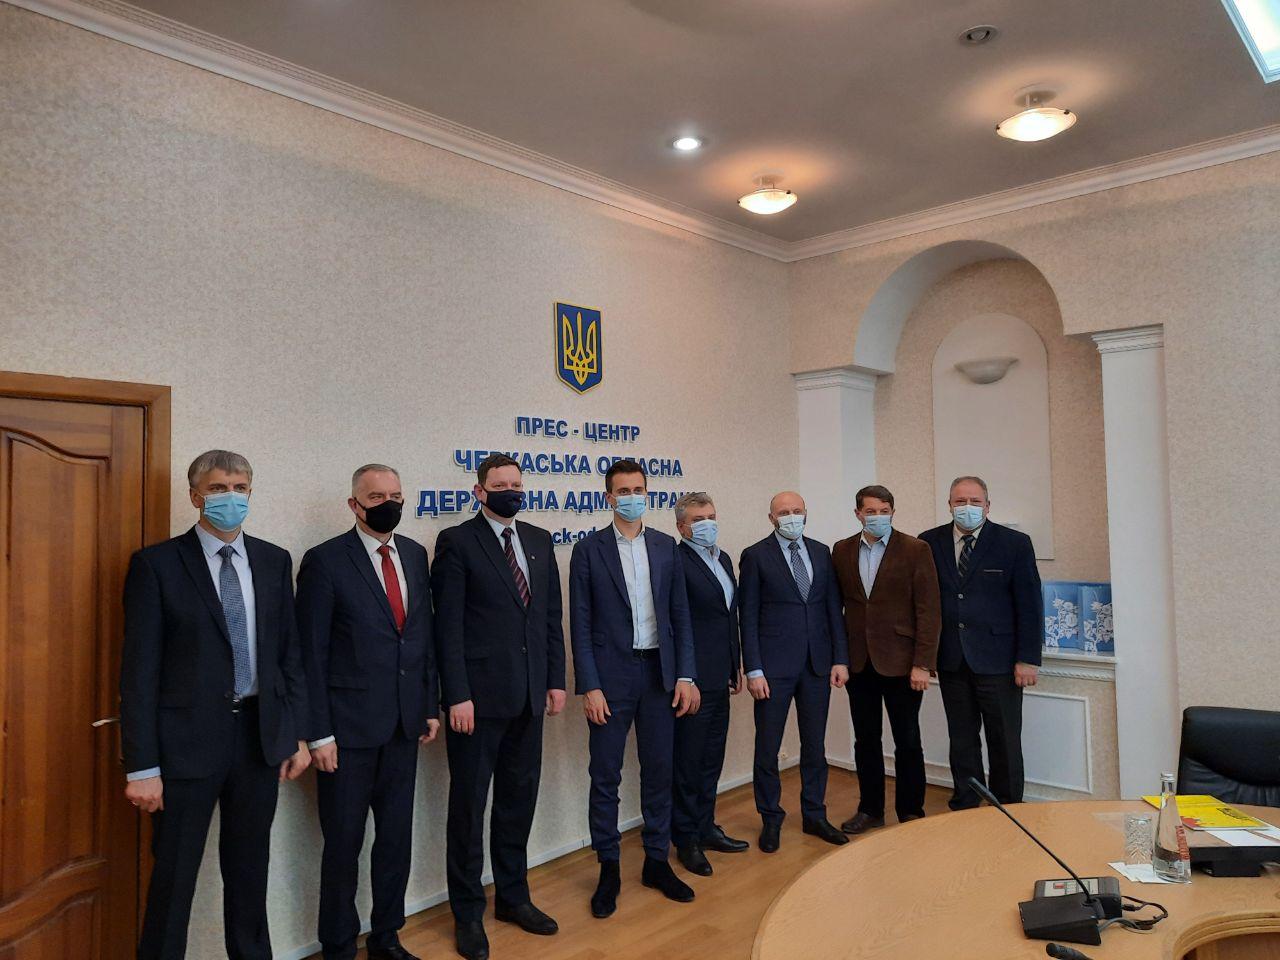 Черкаські владці обговорили напрямки співпраці із Послом Латвійської Республіки